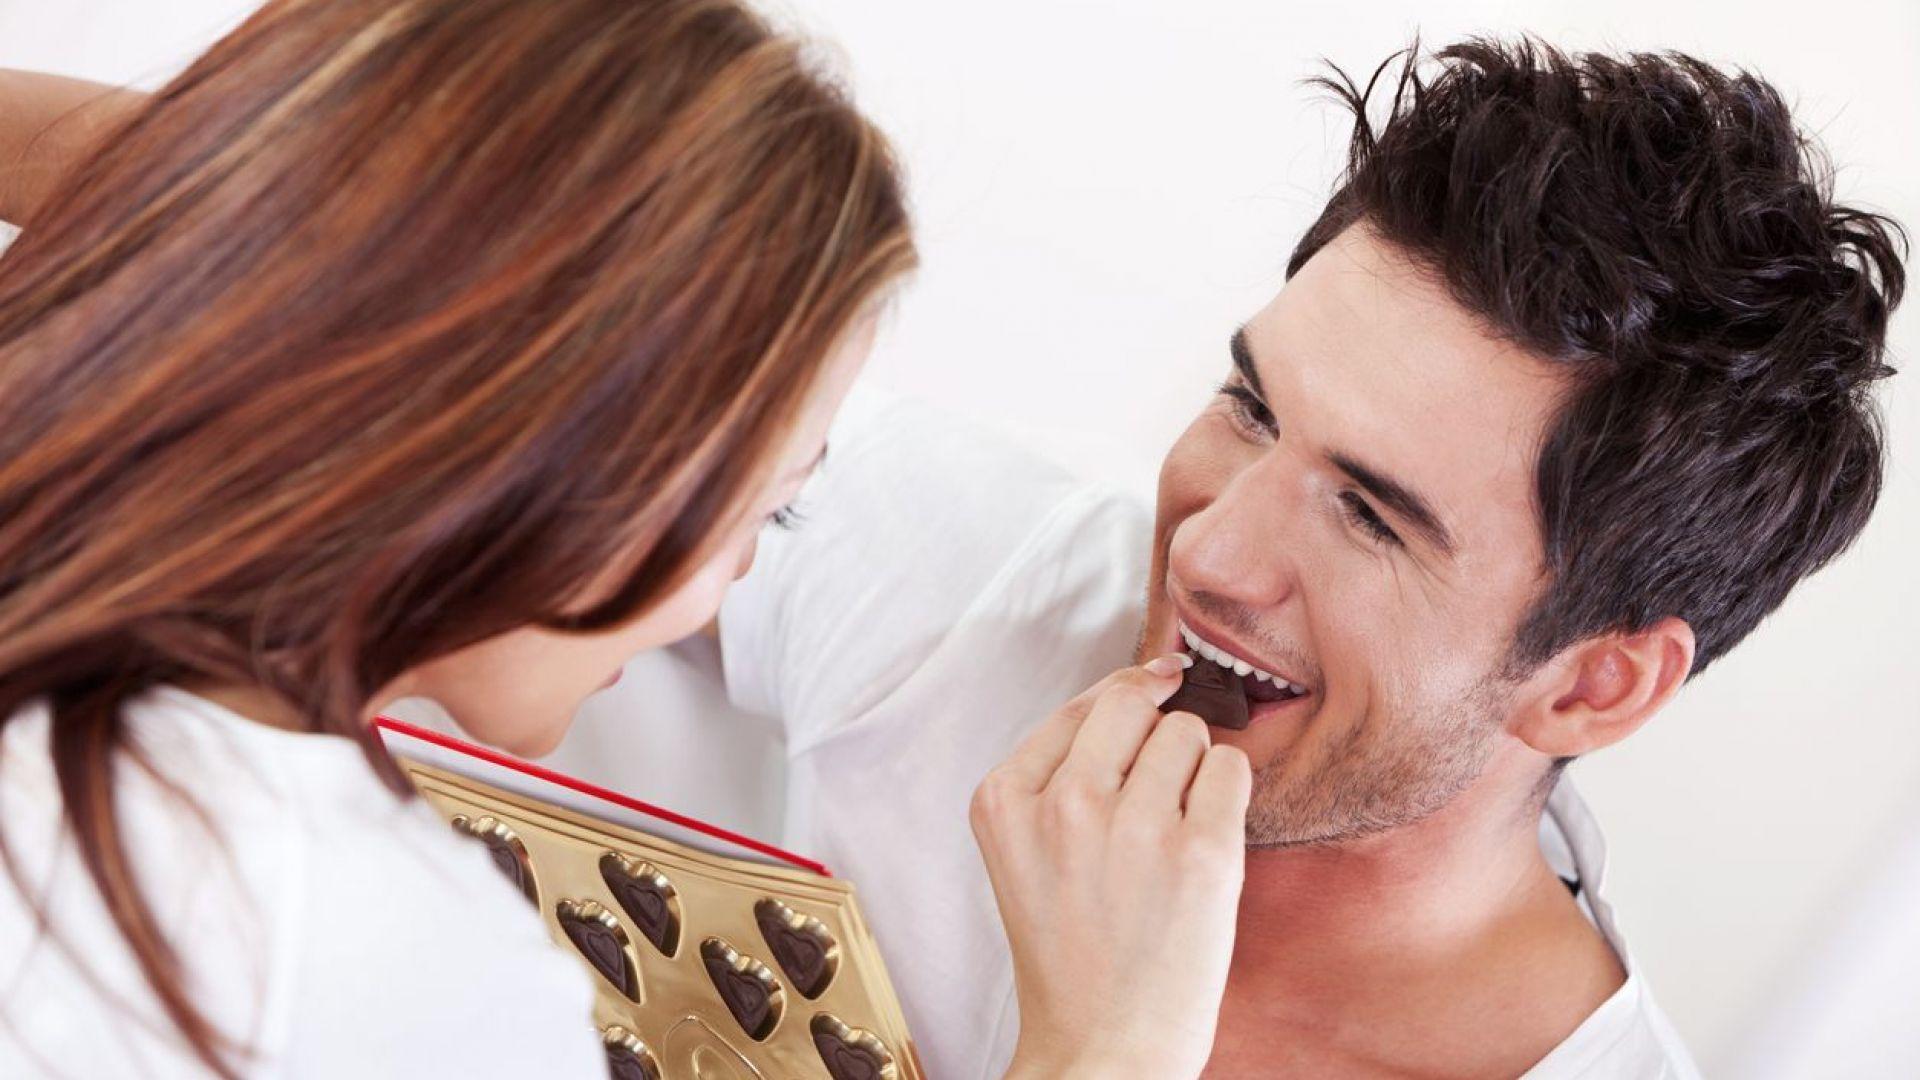 Само няколко парченца черен шоколад на ден регулират кръвното